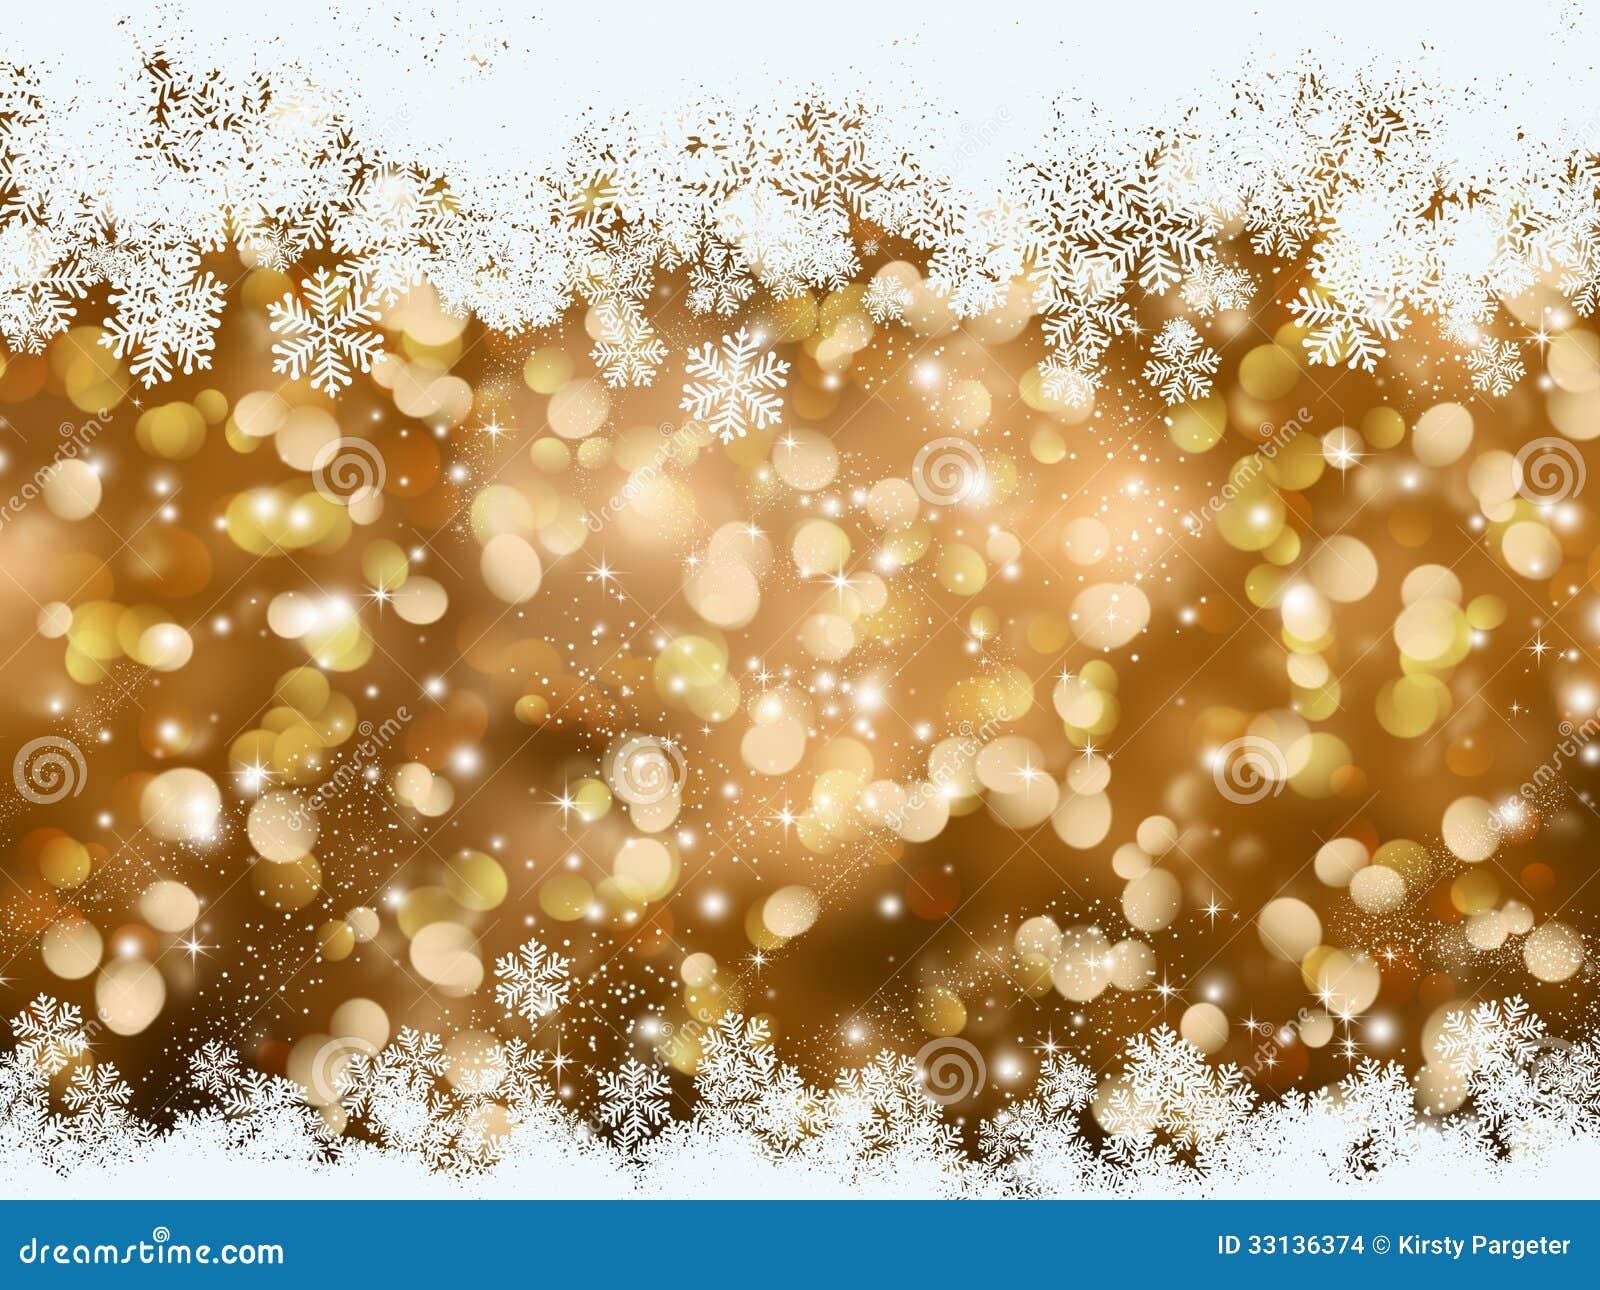 Sfondi Natalizi Oro.Fondo Del Fiocco Di Neve Di Natale Dell Oro Illustrazione Di Stock